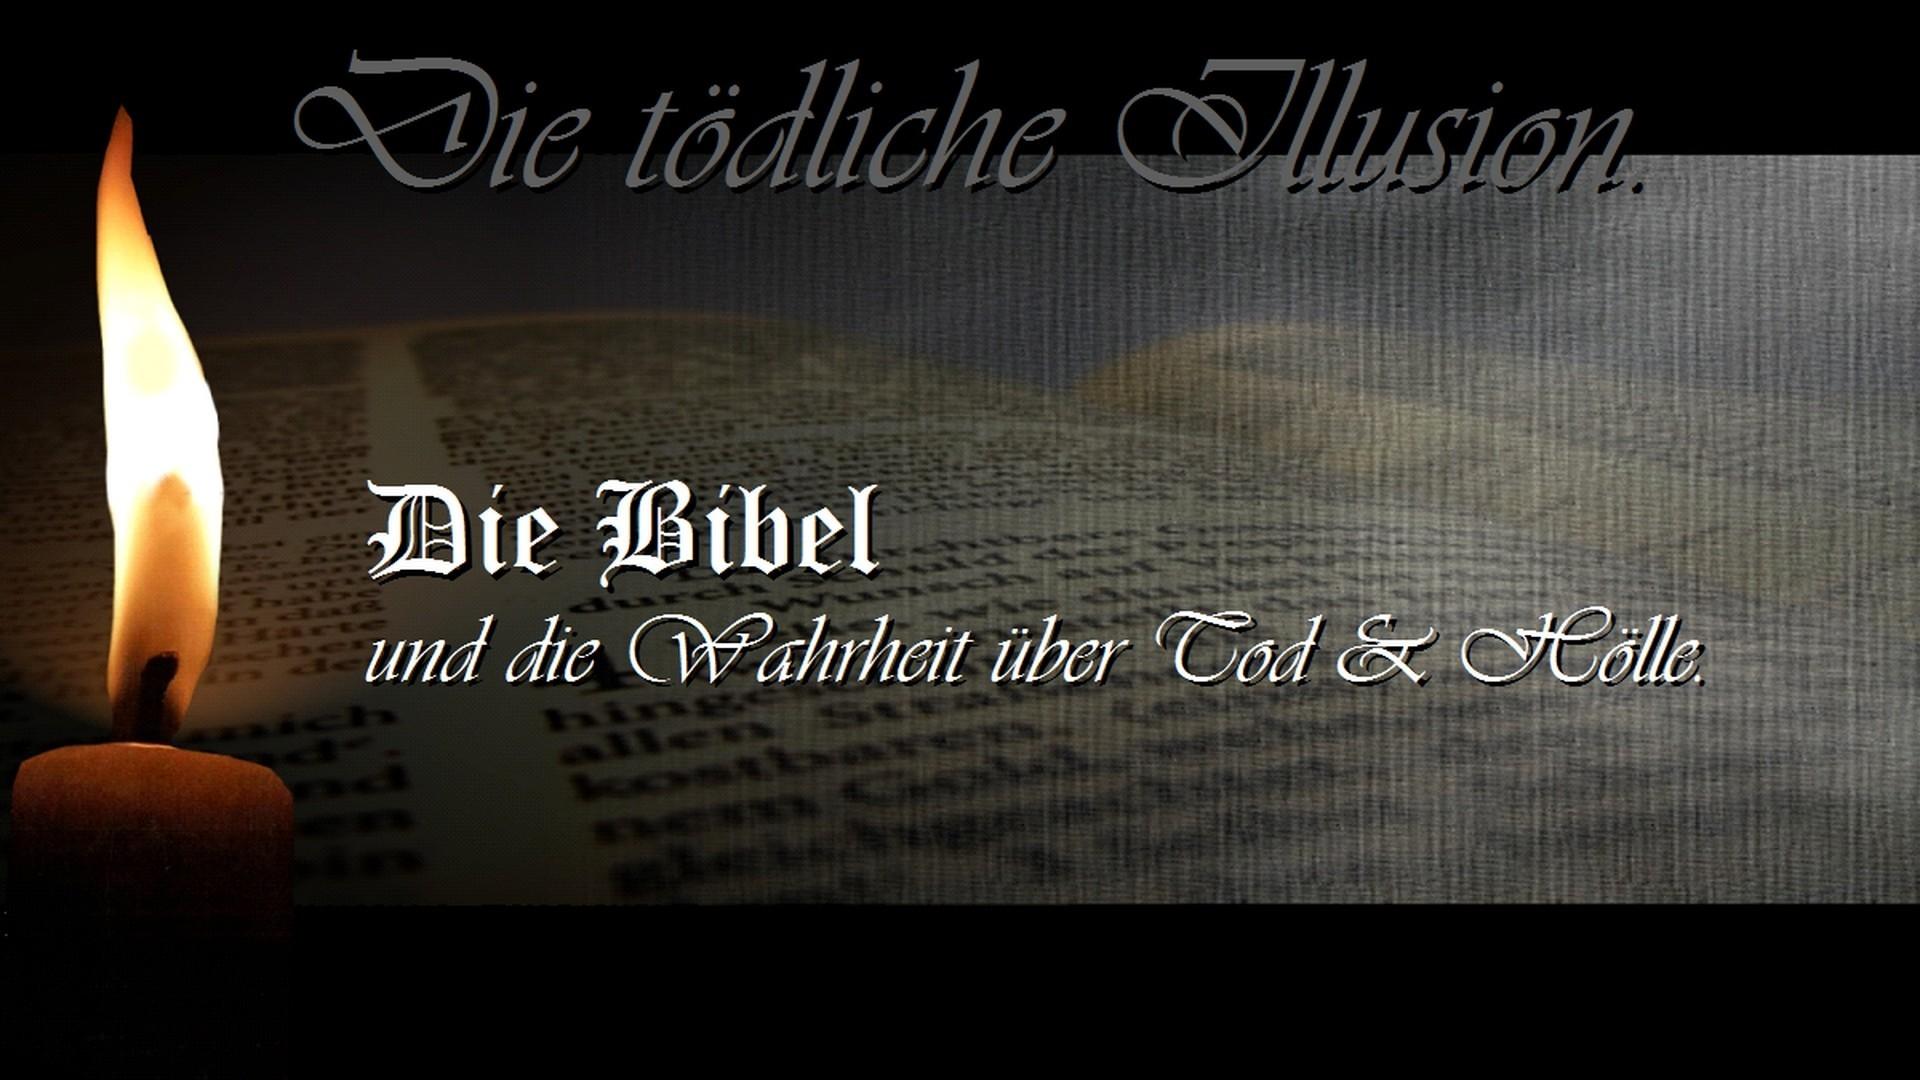 Die tödliche Illusion. Die Bibel und die Wahrheit über Tod und Hölle. (REF 4)